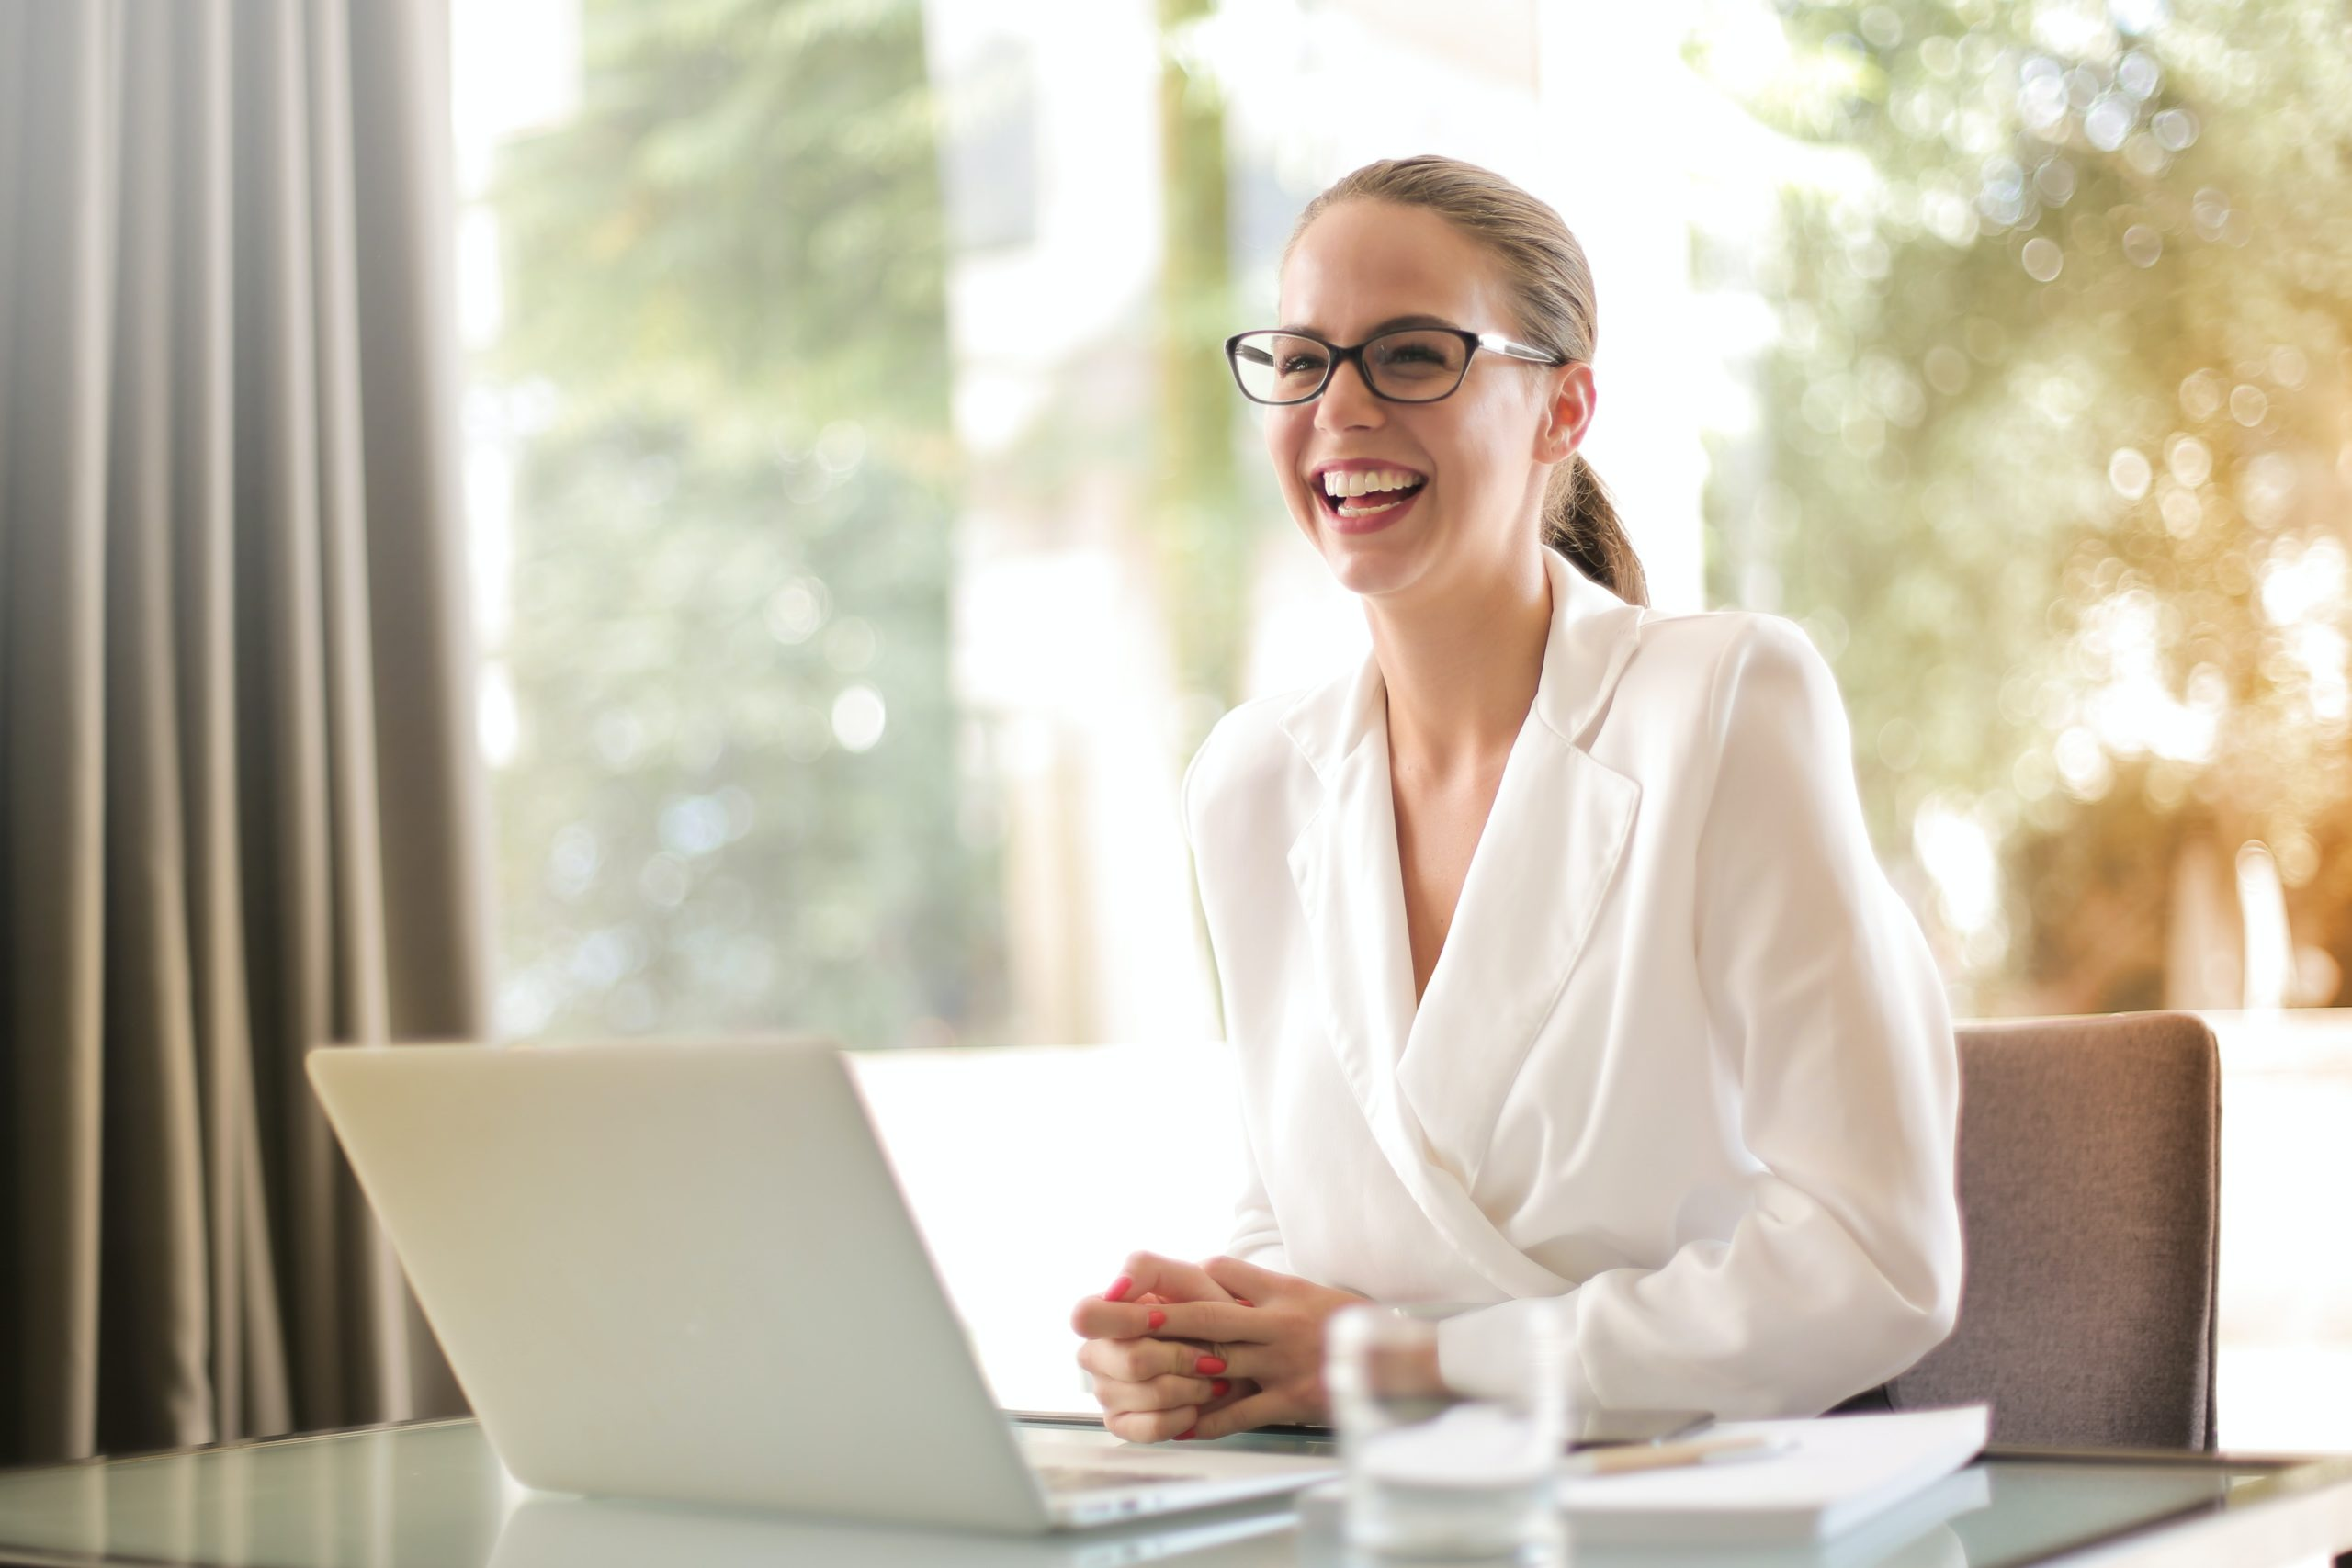 Executive women sur les réseaux sociaux : 5 raisons de construire votre Personal Branding